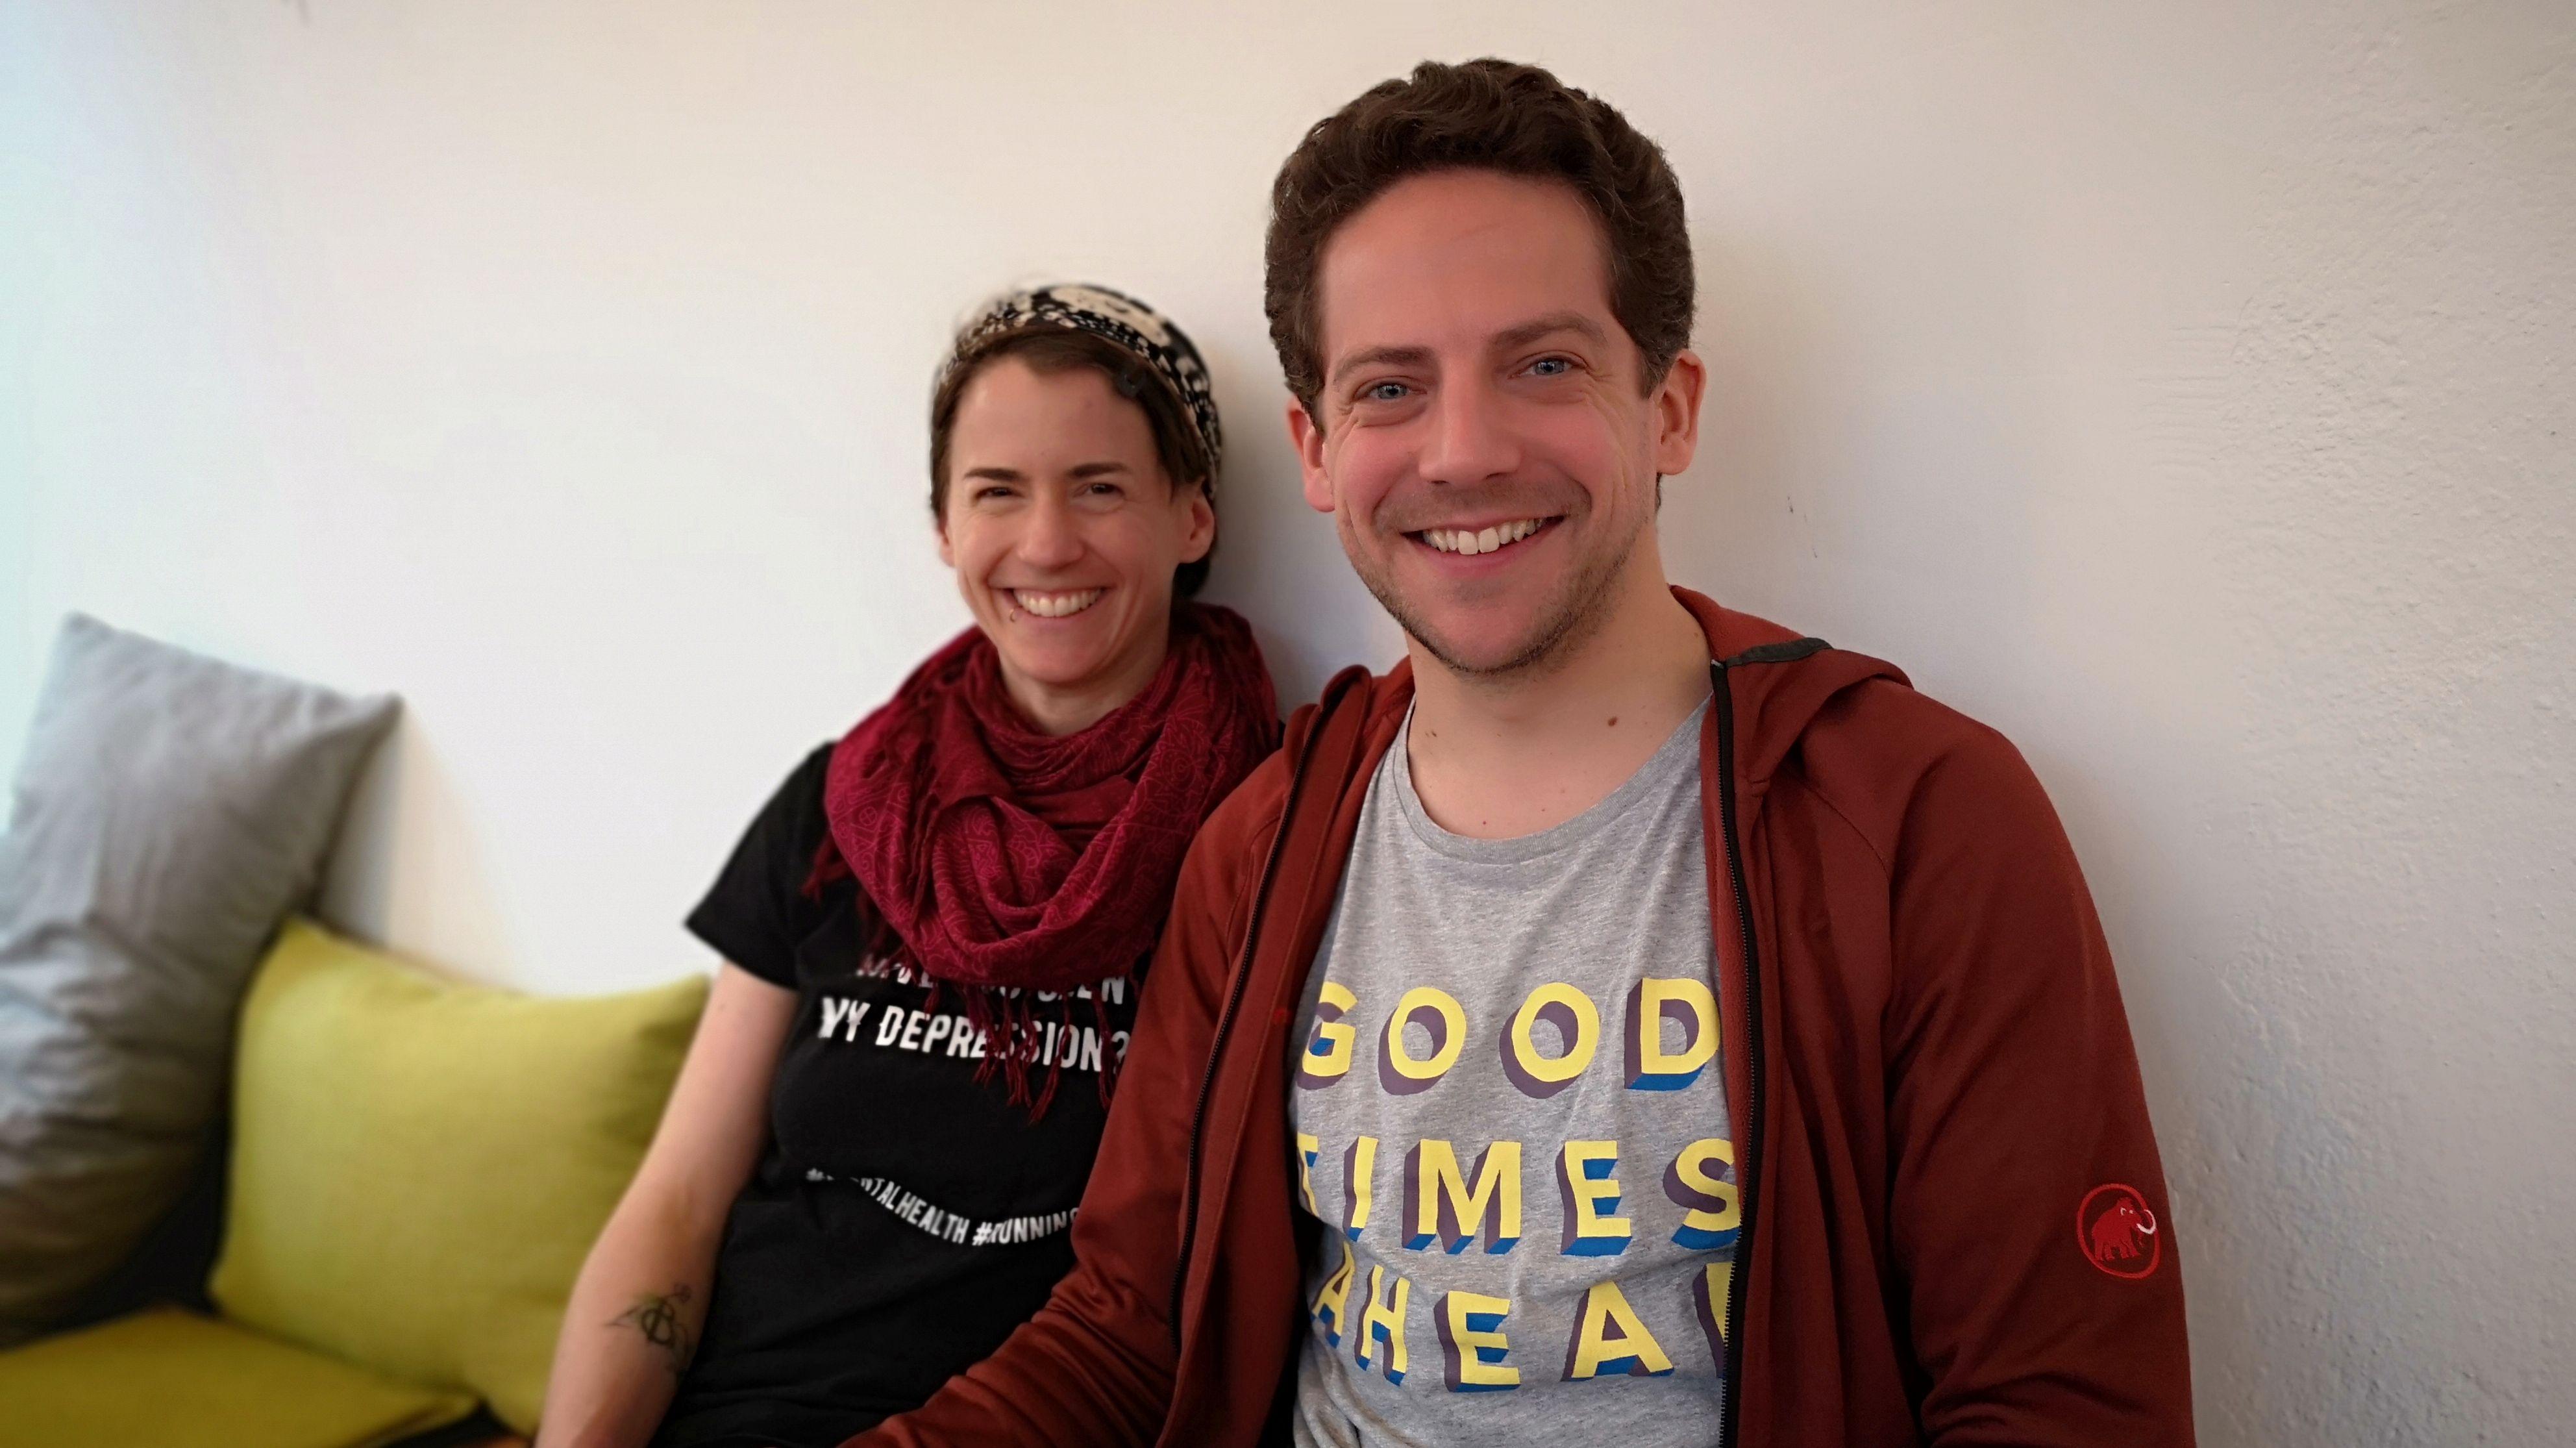 Die Cafébetreiber Dominique de Marné und Lasse Münstermann sitzen nebeneinander auf einer Bank und lächeln in die Kamera.